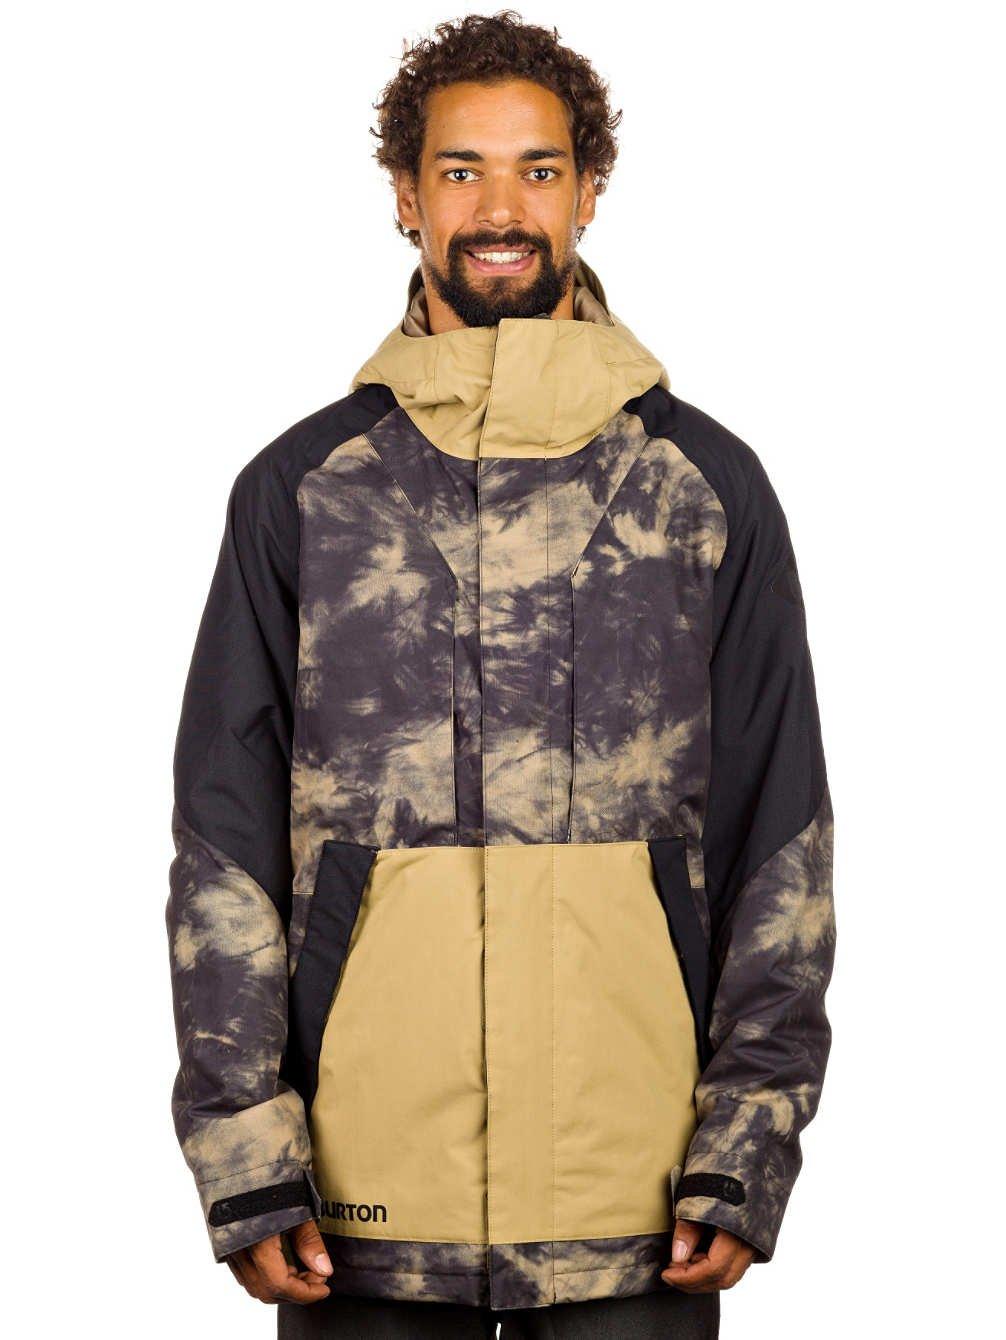 Burton Herren Snowboardjacke MB Haze Varsity Jacket